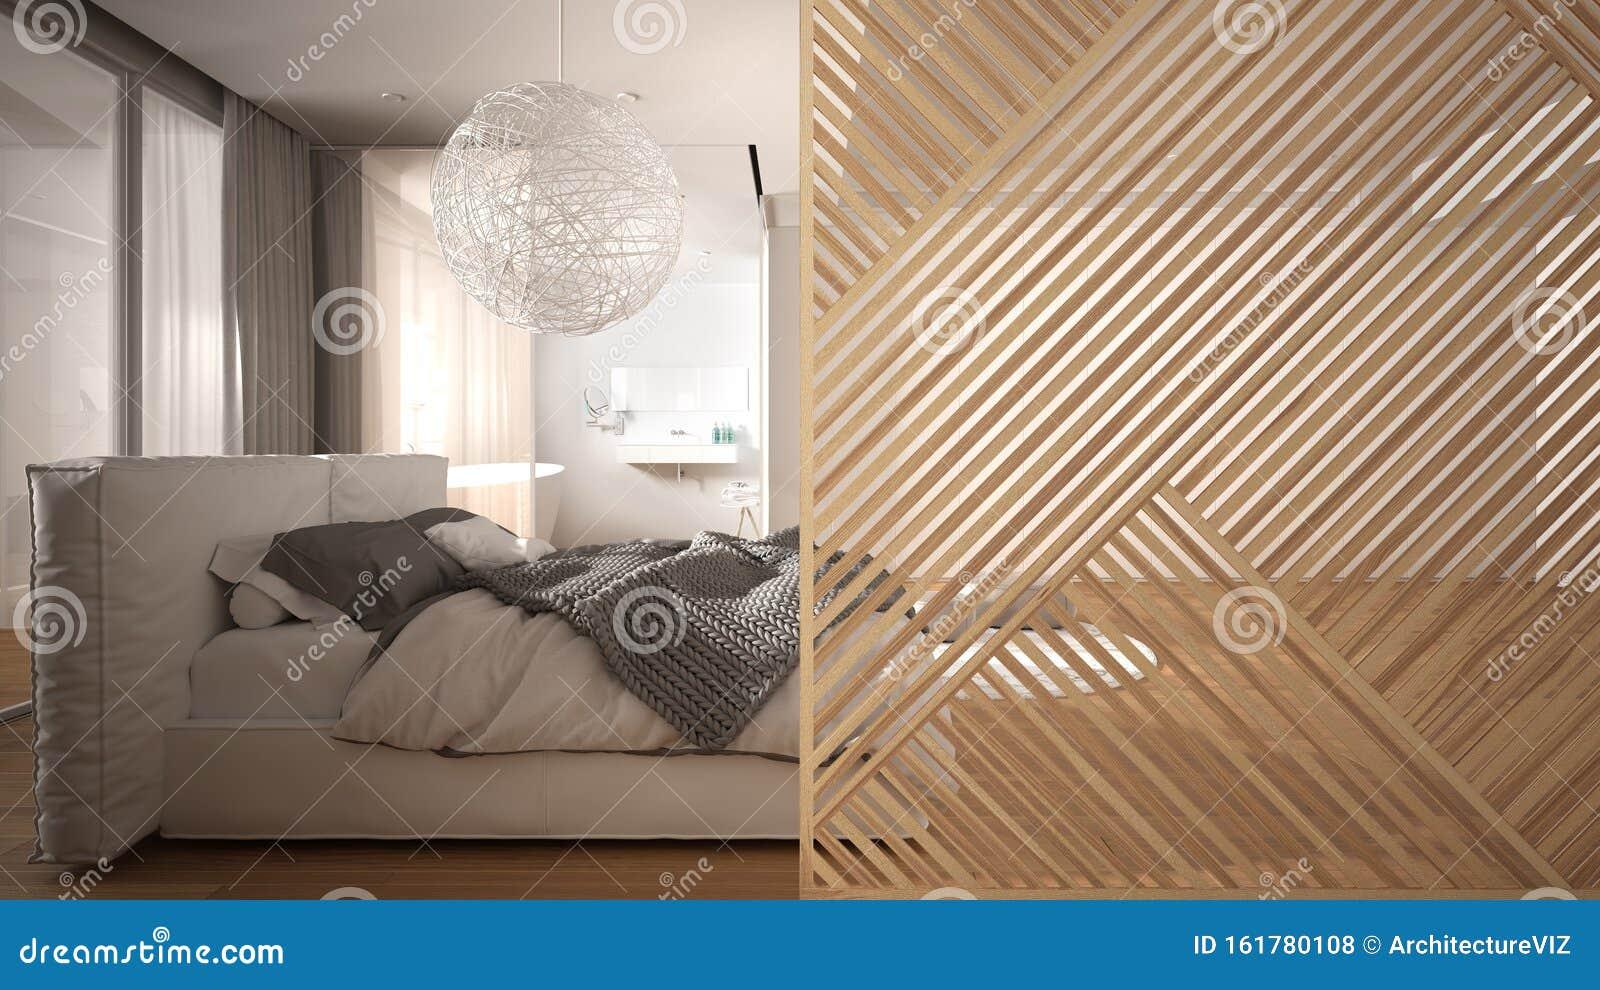 Wooden Panel Close Up Modern Bedroom With Bathroom Parquet Floor